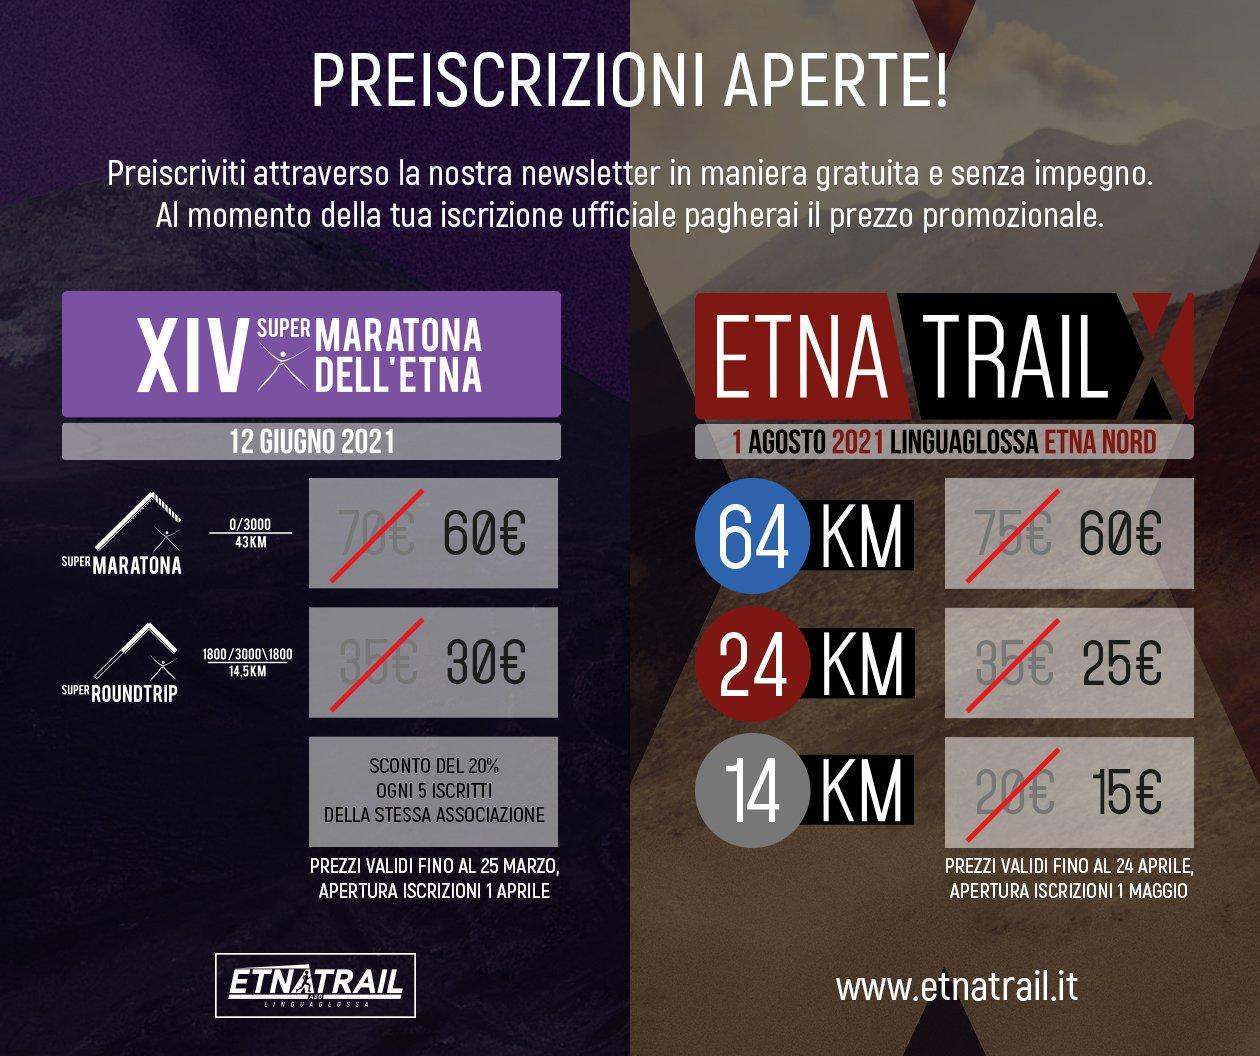 Preiscrizioni aperte per SuperMaratona dell'Etna e Etna Trail 2021